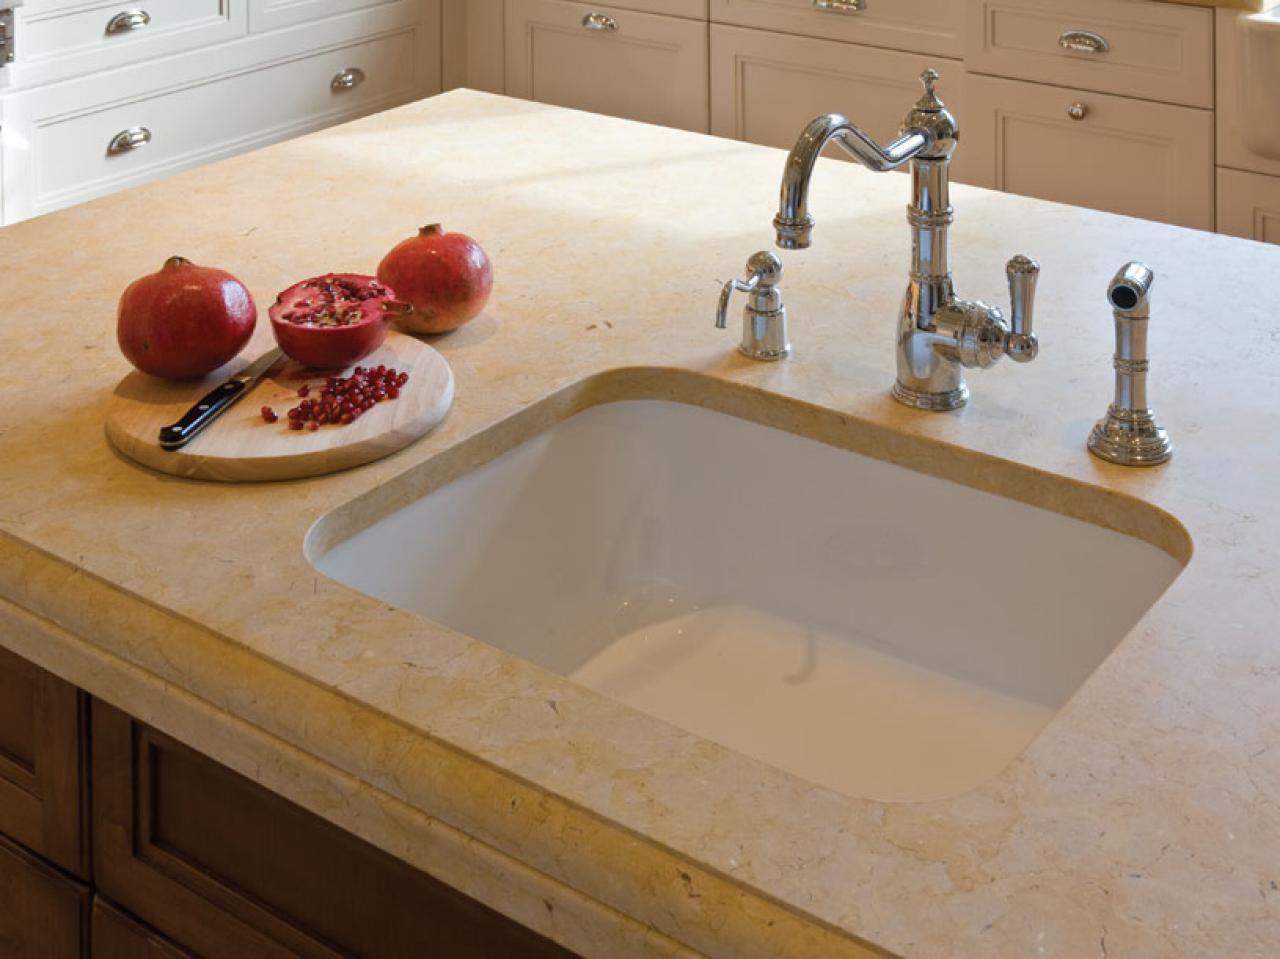 New Kitchen Countertops | HGTV - photo#10